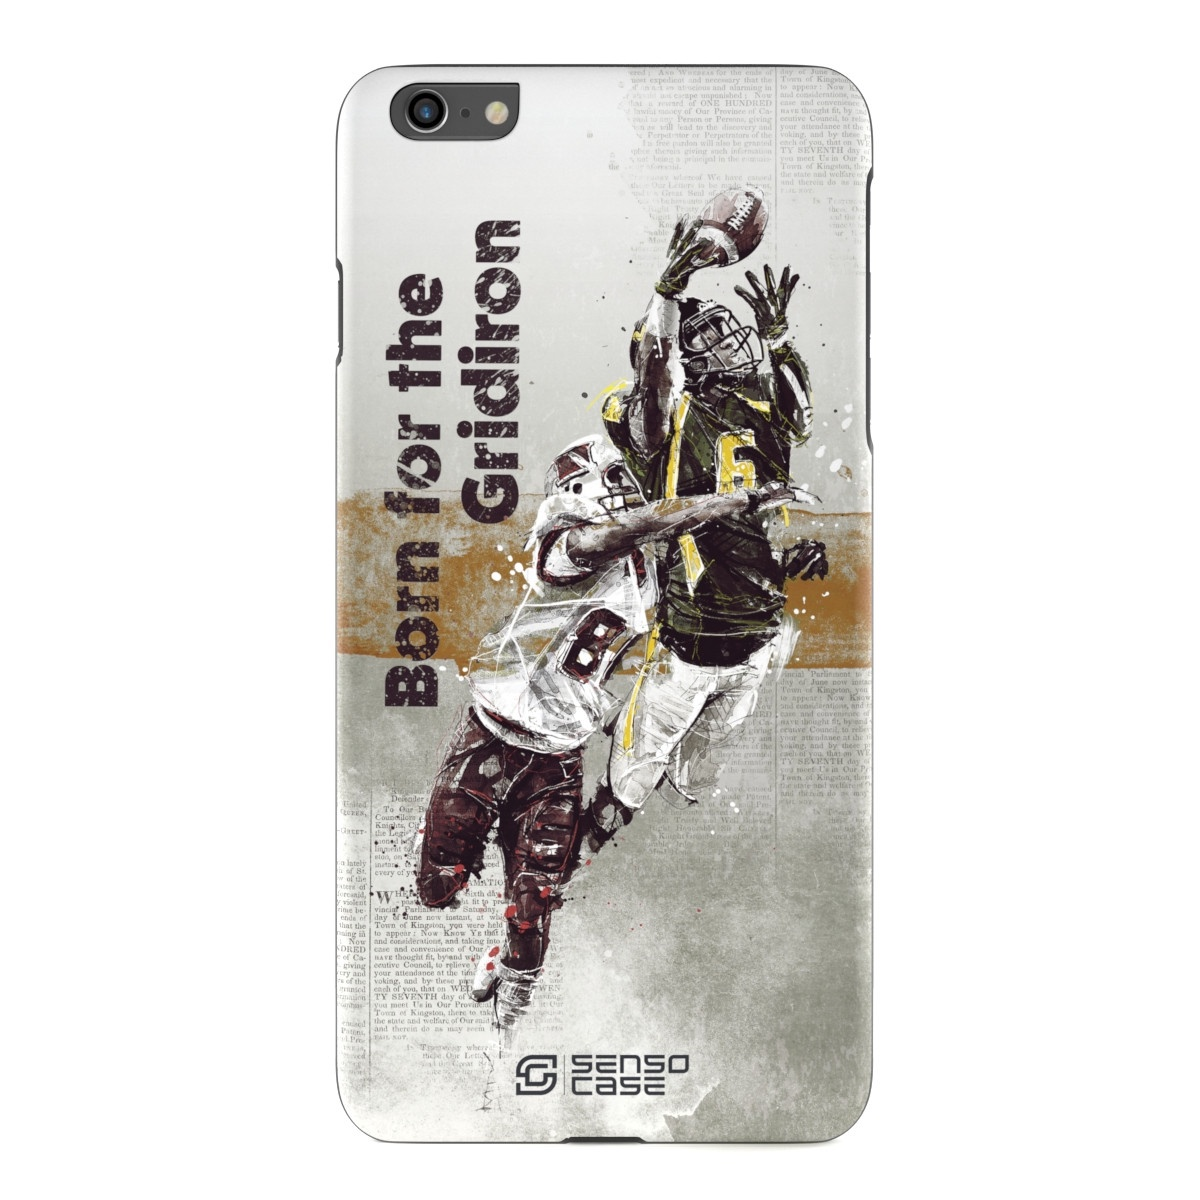 """Чехол для сотового телефона SensoCase iPhone 6/6s Plus """"Американский футбол"""", SC-IP6P-football + защитное стекло в подарок, 100056"""